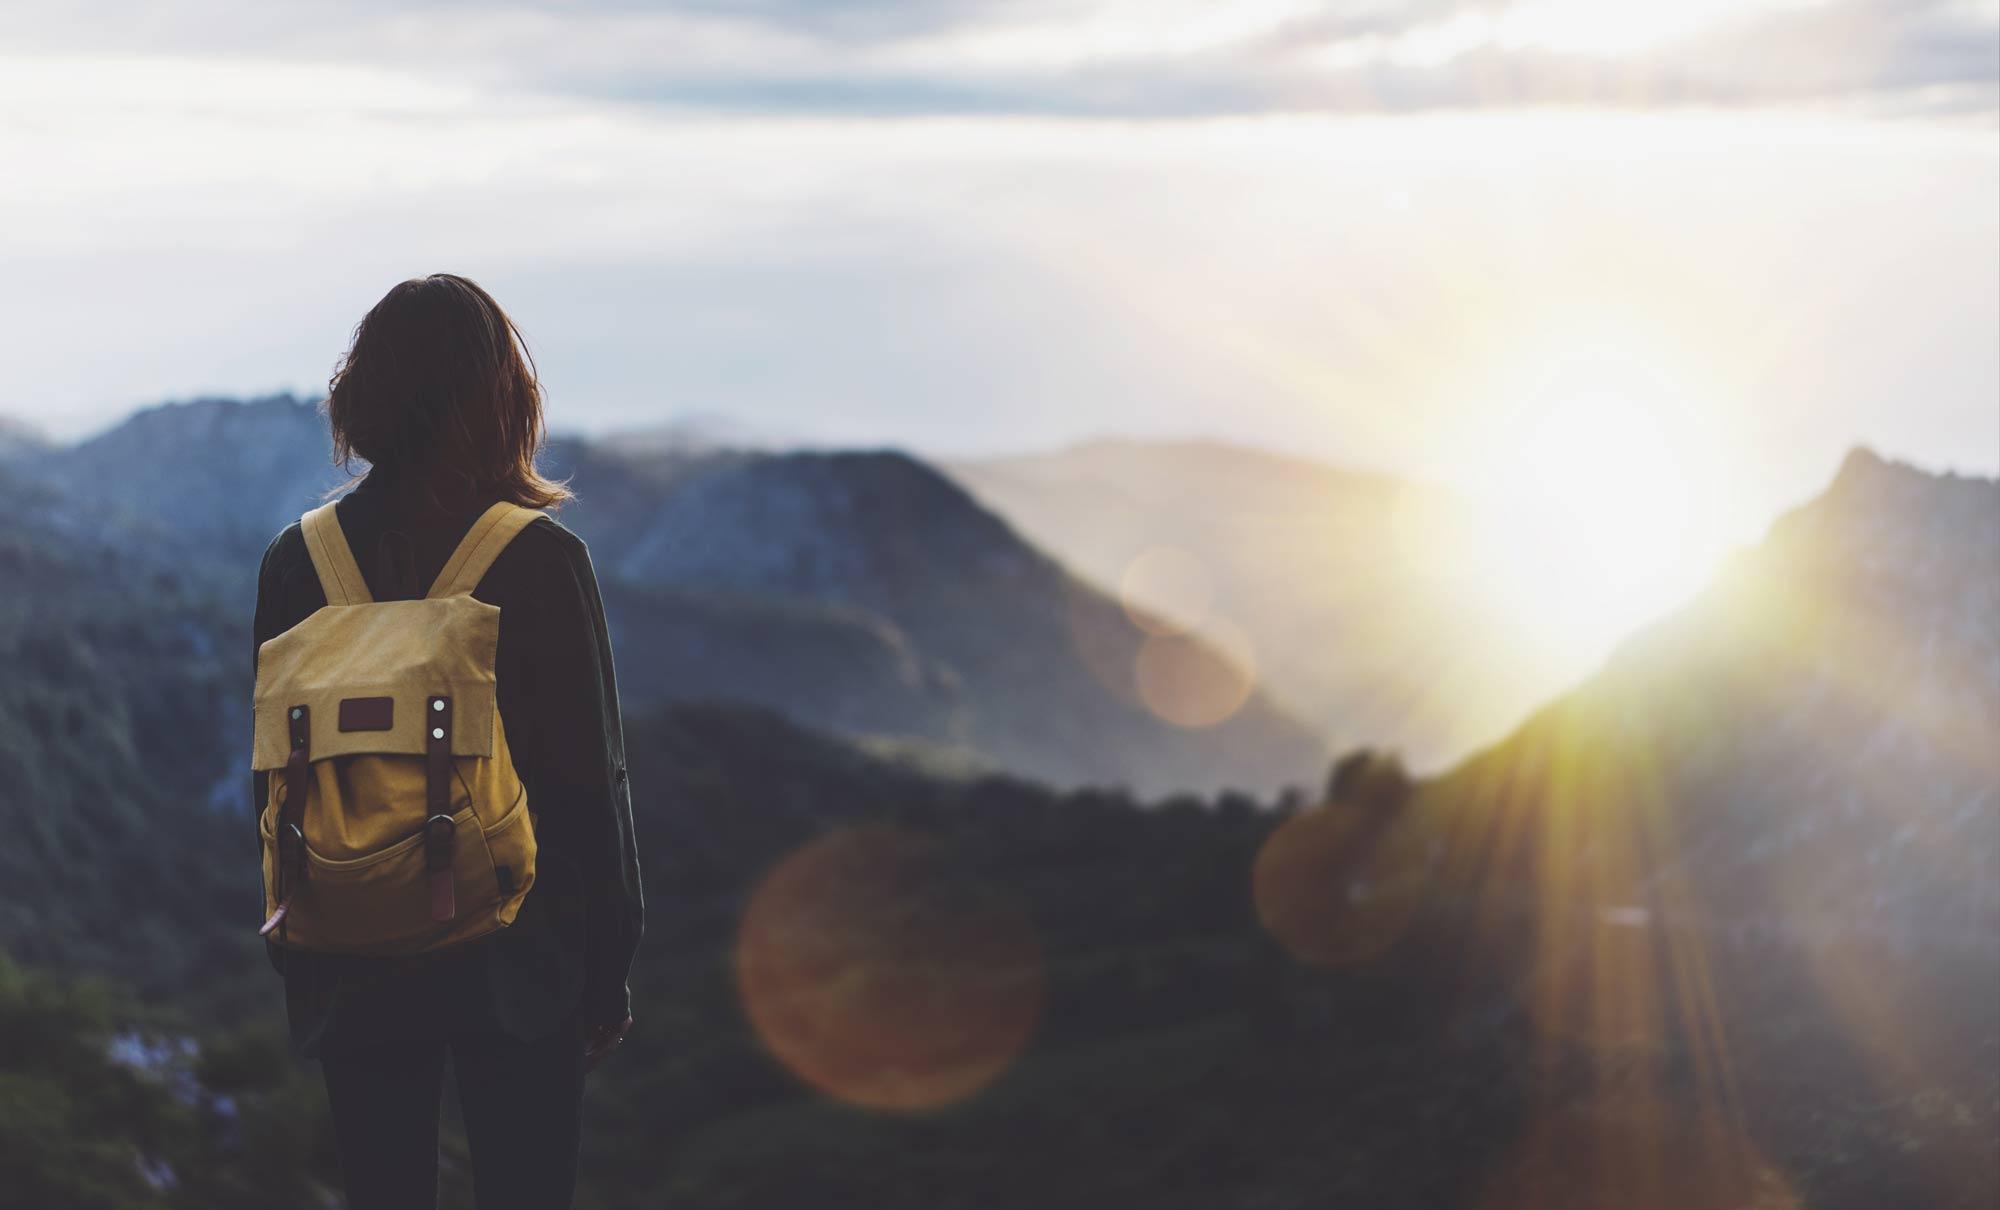 Dieses Bild zeigt eine junge frau die die Möglichkeiten des lebens erkennt nachdem sie der Prokrastination in ihrem Leben ein ende gesetzt hat